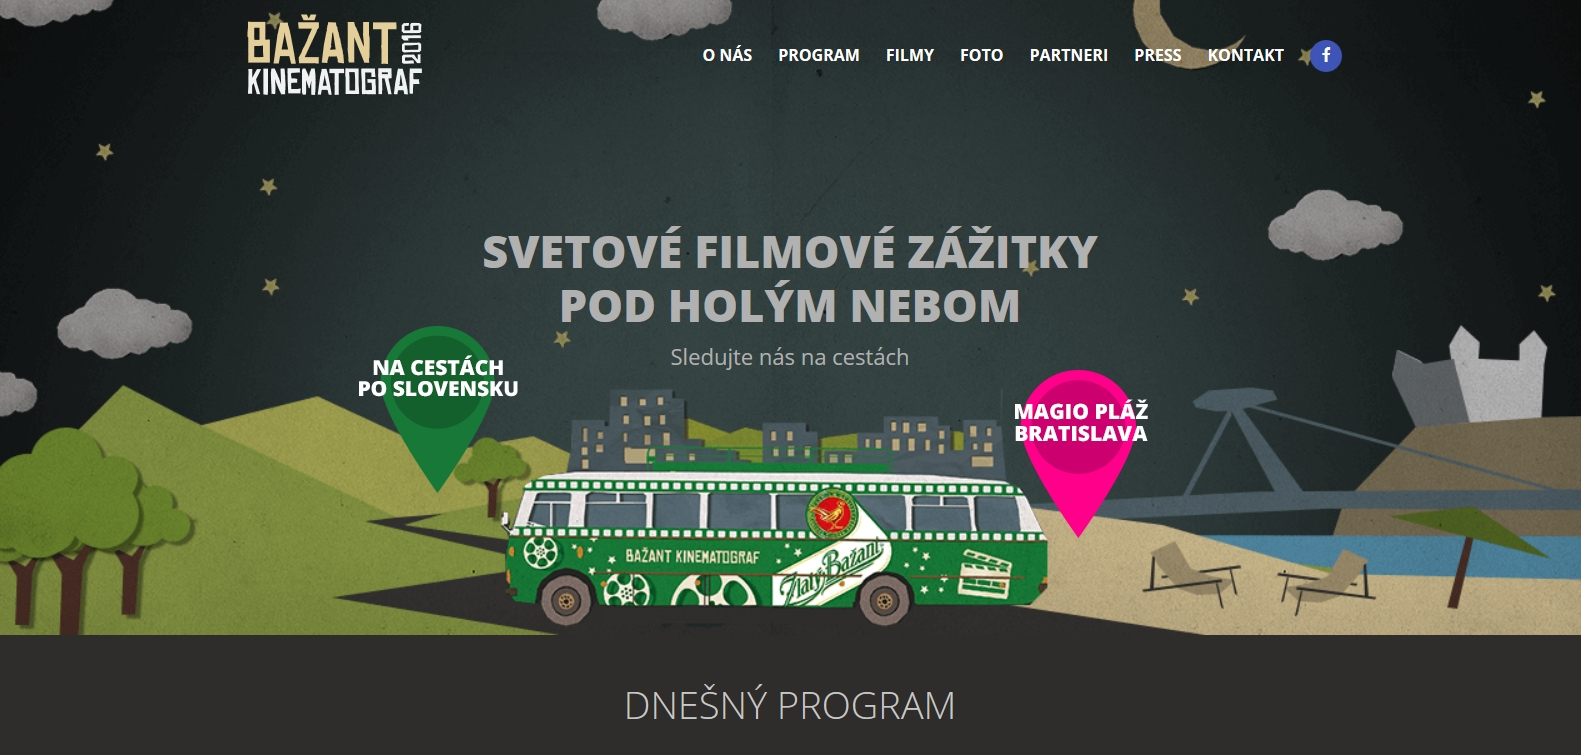 Informácie o filmoch, podrobný rozpis premietaní a program nájdete na vynovenej webstránke  www.kinematograf.sk .